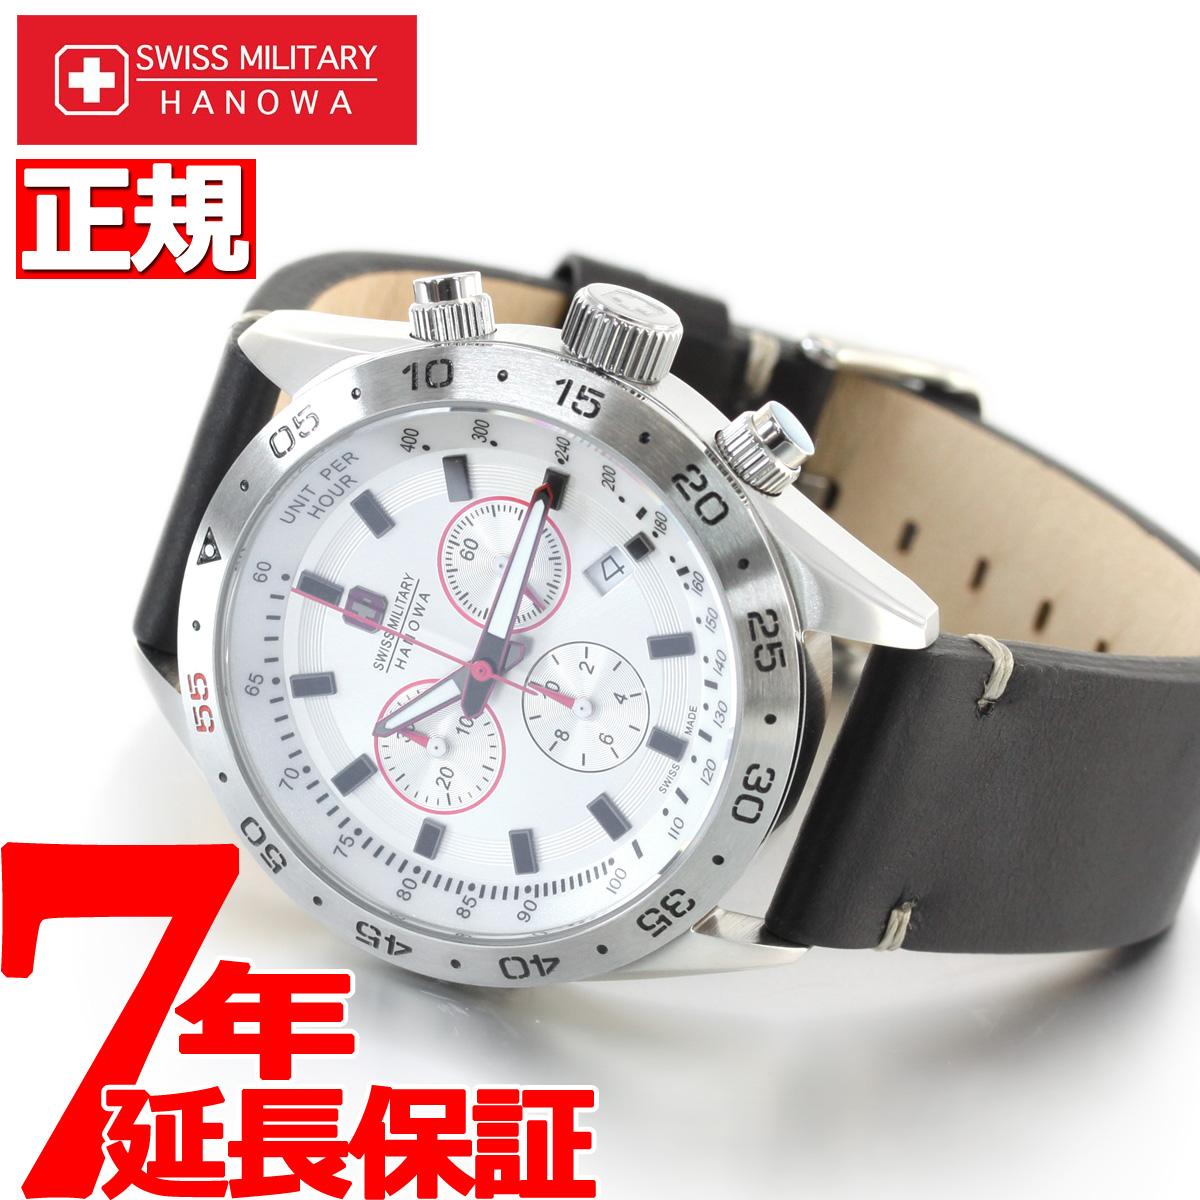 【5日0時~♪2000円OFFクーポン&店内ポイント最大51倍!5日23時59分まで】スイスミリタリー SWISS MILITARY 55周年 限定モデル 腕時計 メンズ チャレンジャー プロ CHALLENGER PRO ML-442